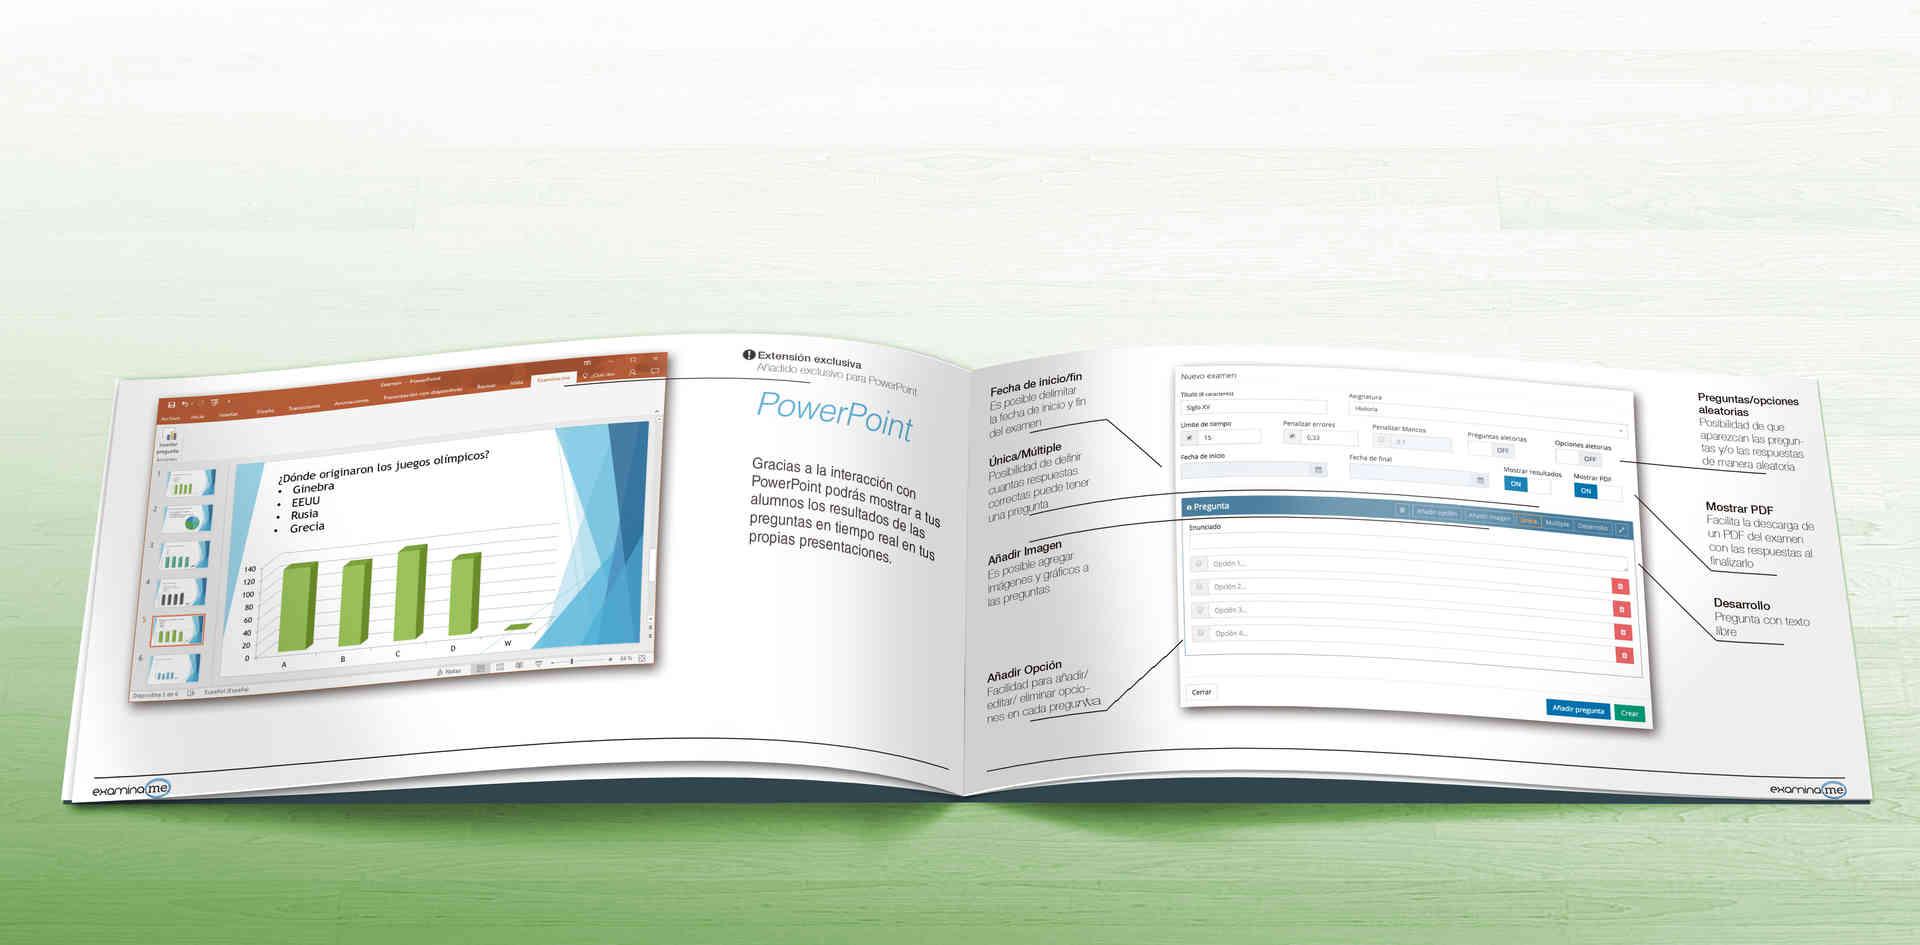 Manual de usuario - Examina.me